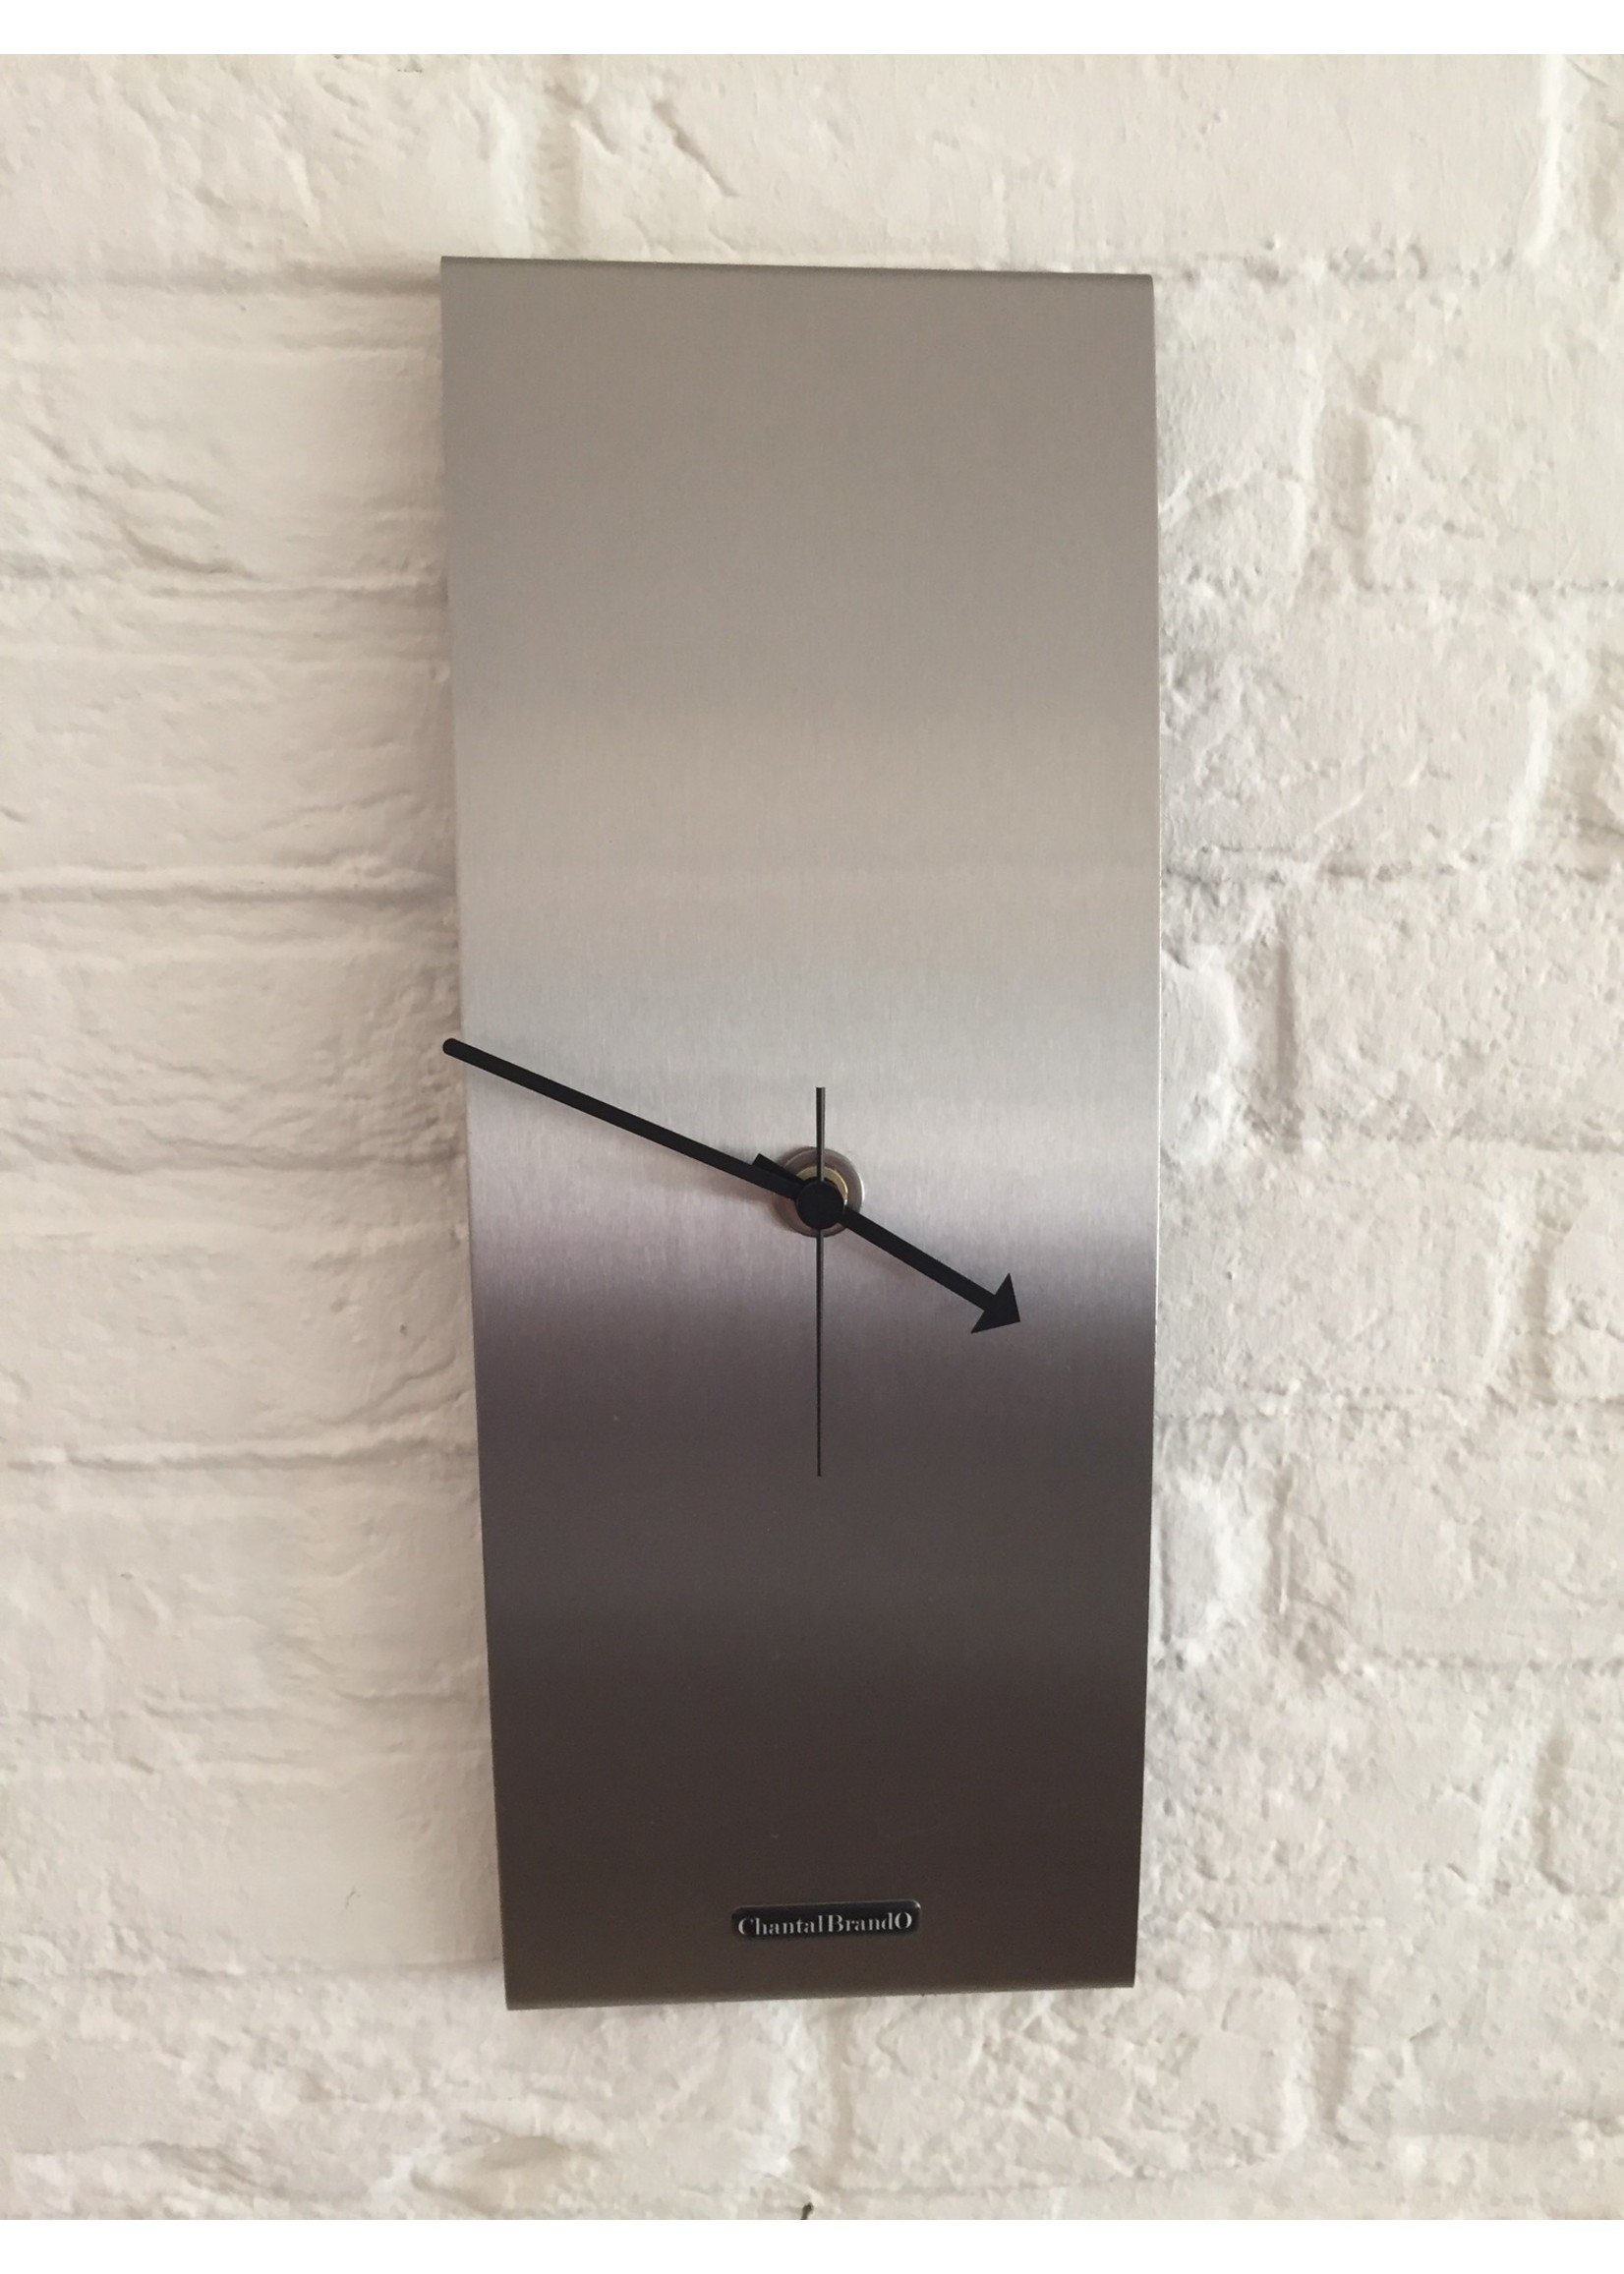 Klokkendiscounter Wandklok Marsana Modern Dutch Design